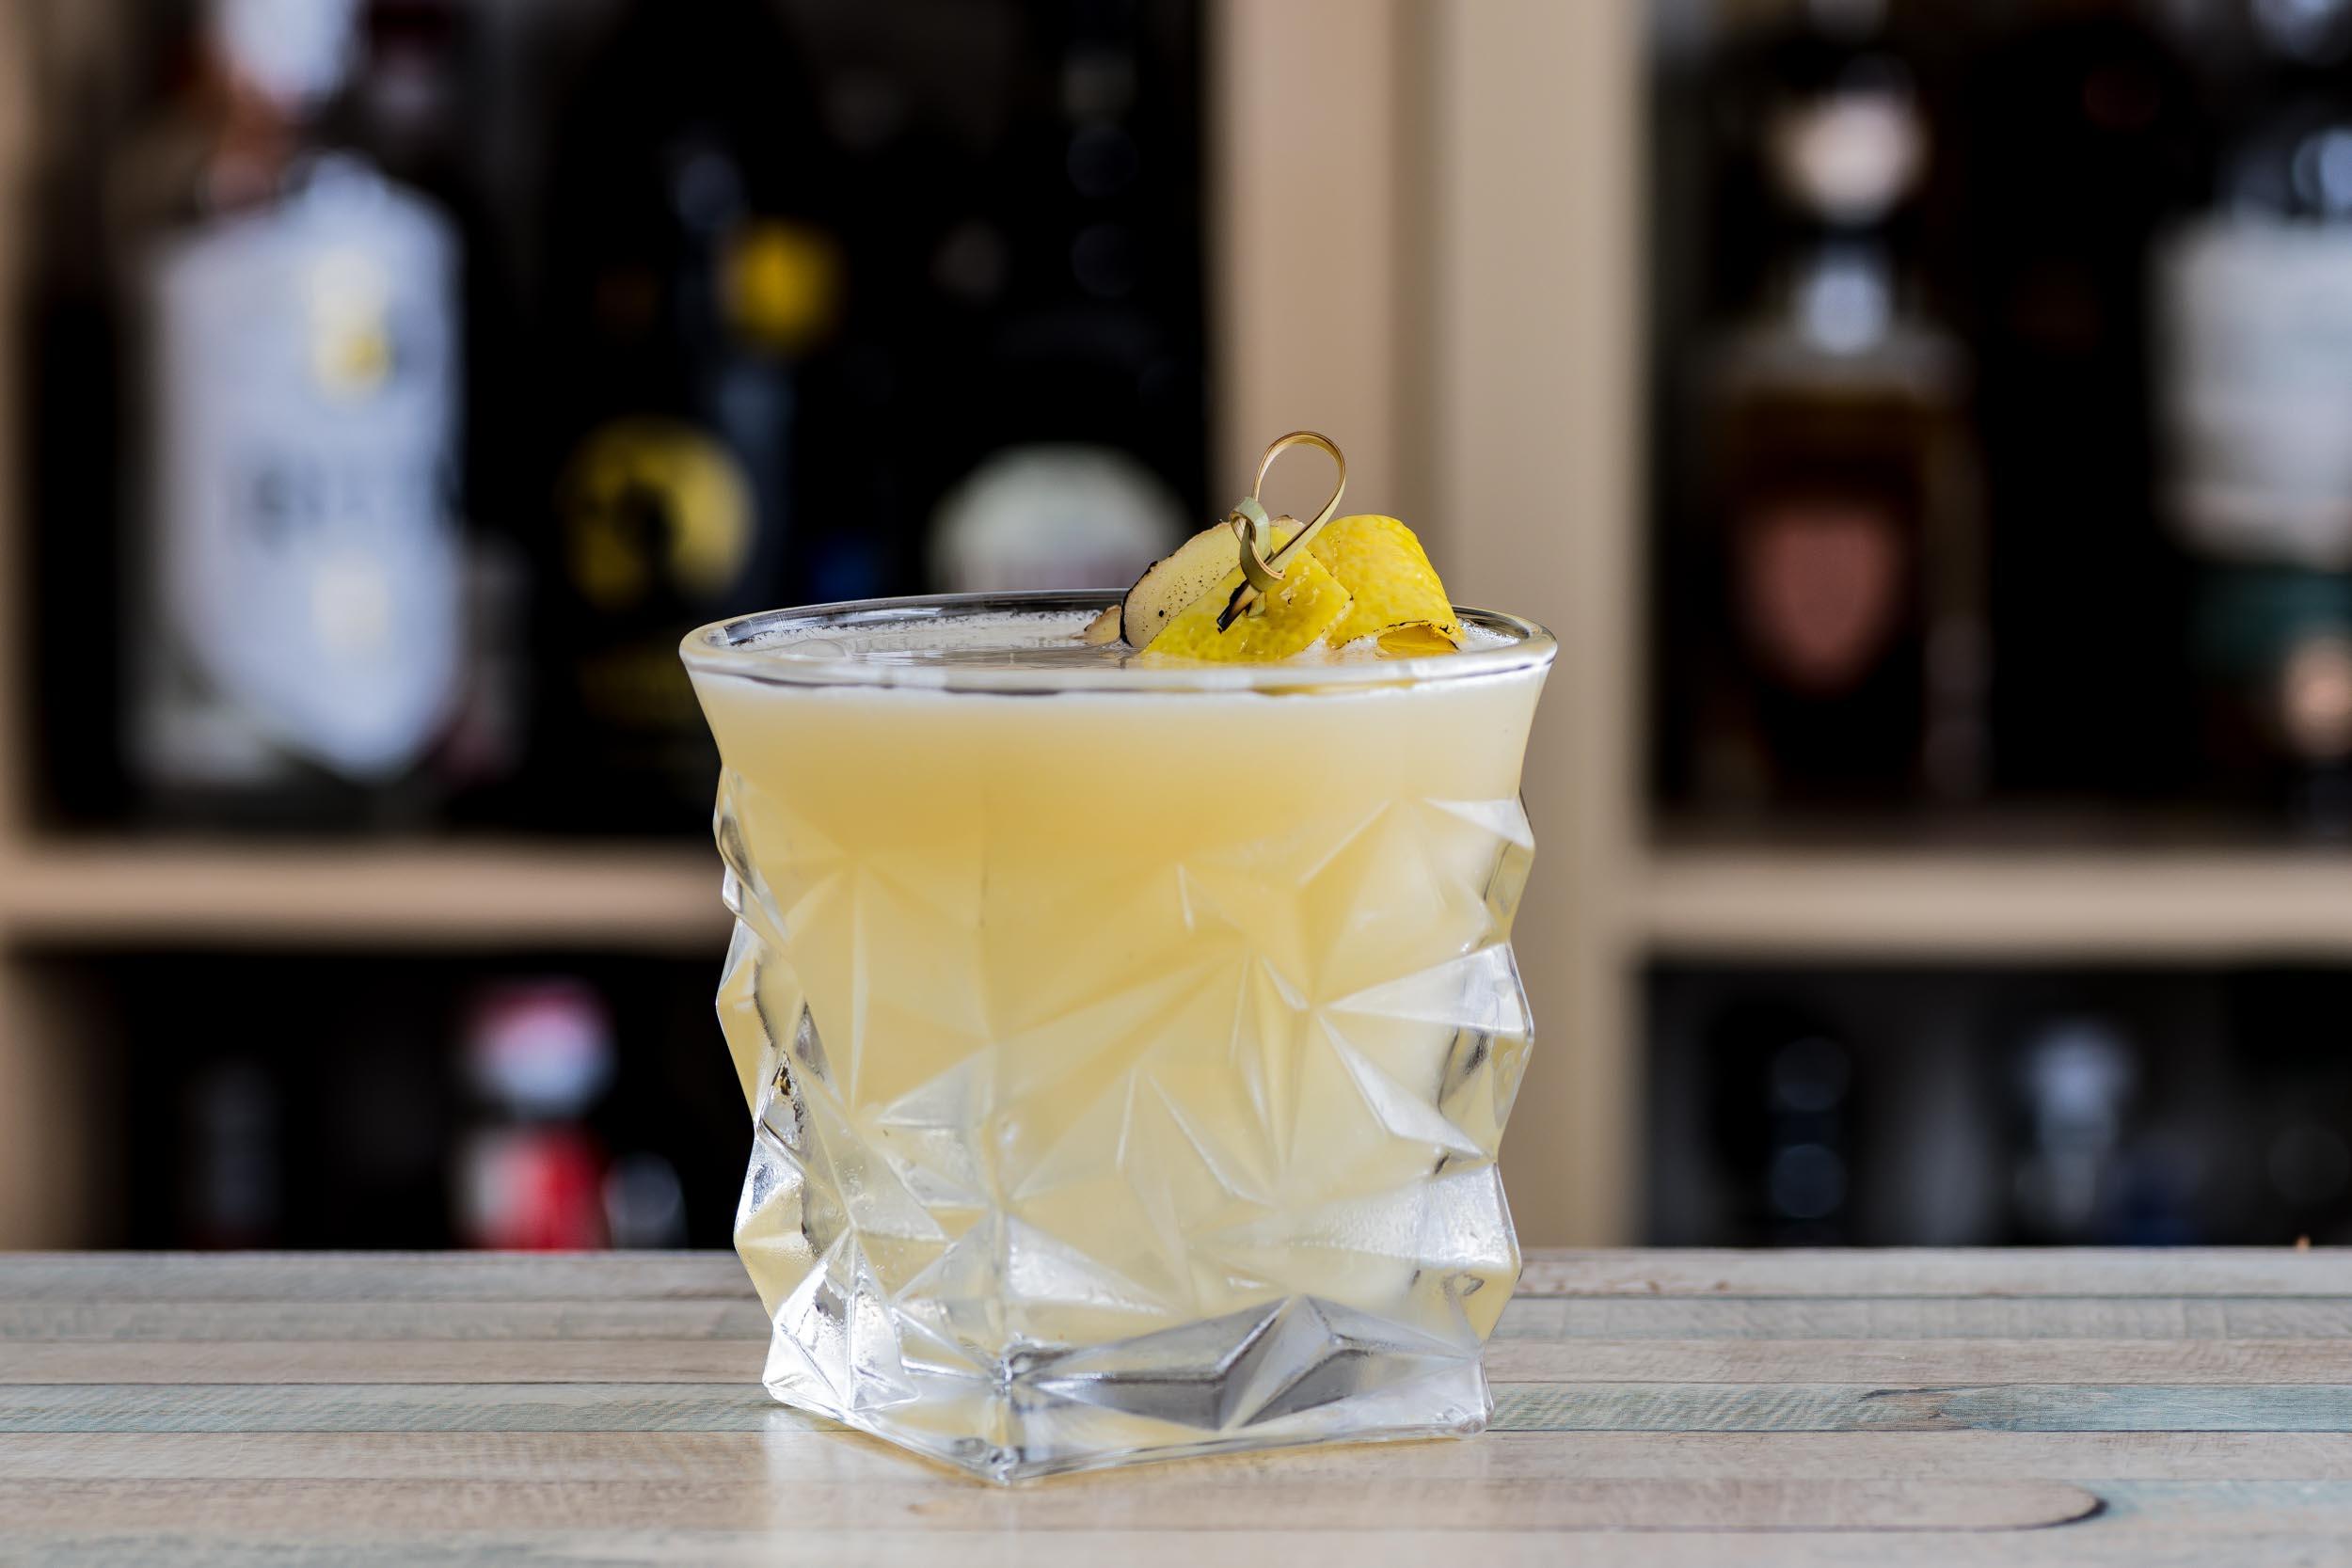 Ein Penicillin Cocktail mit Islay Scotch, mehr Scotch, Ingwer und Honig.